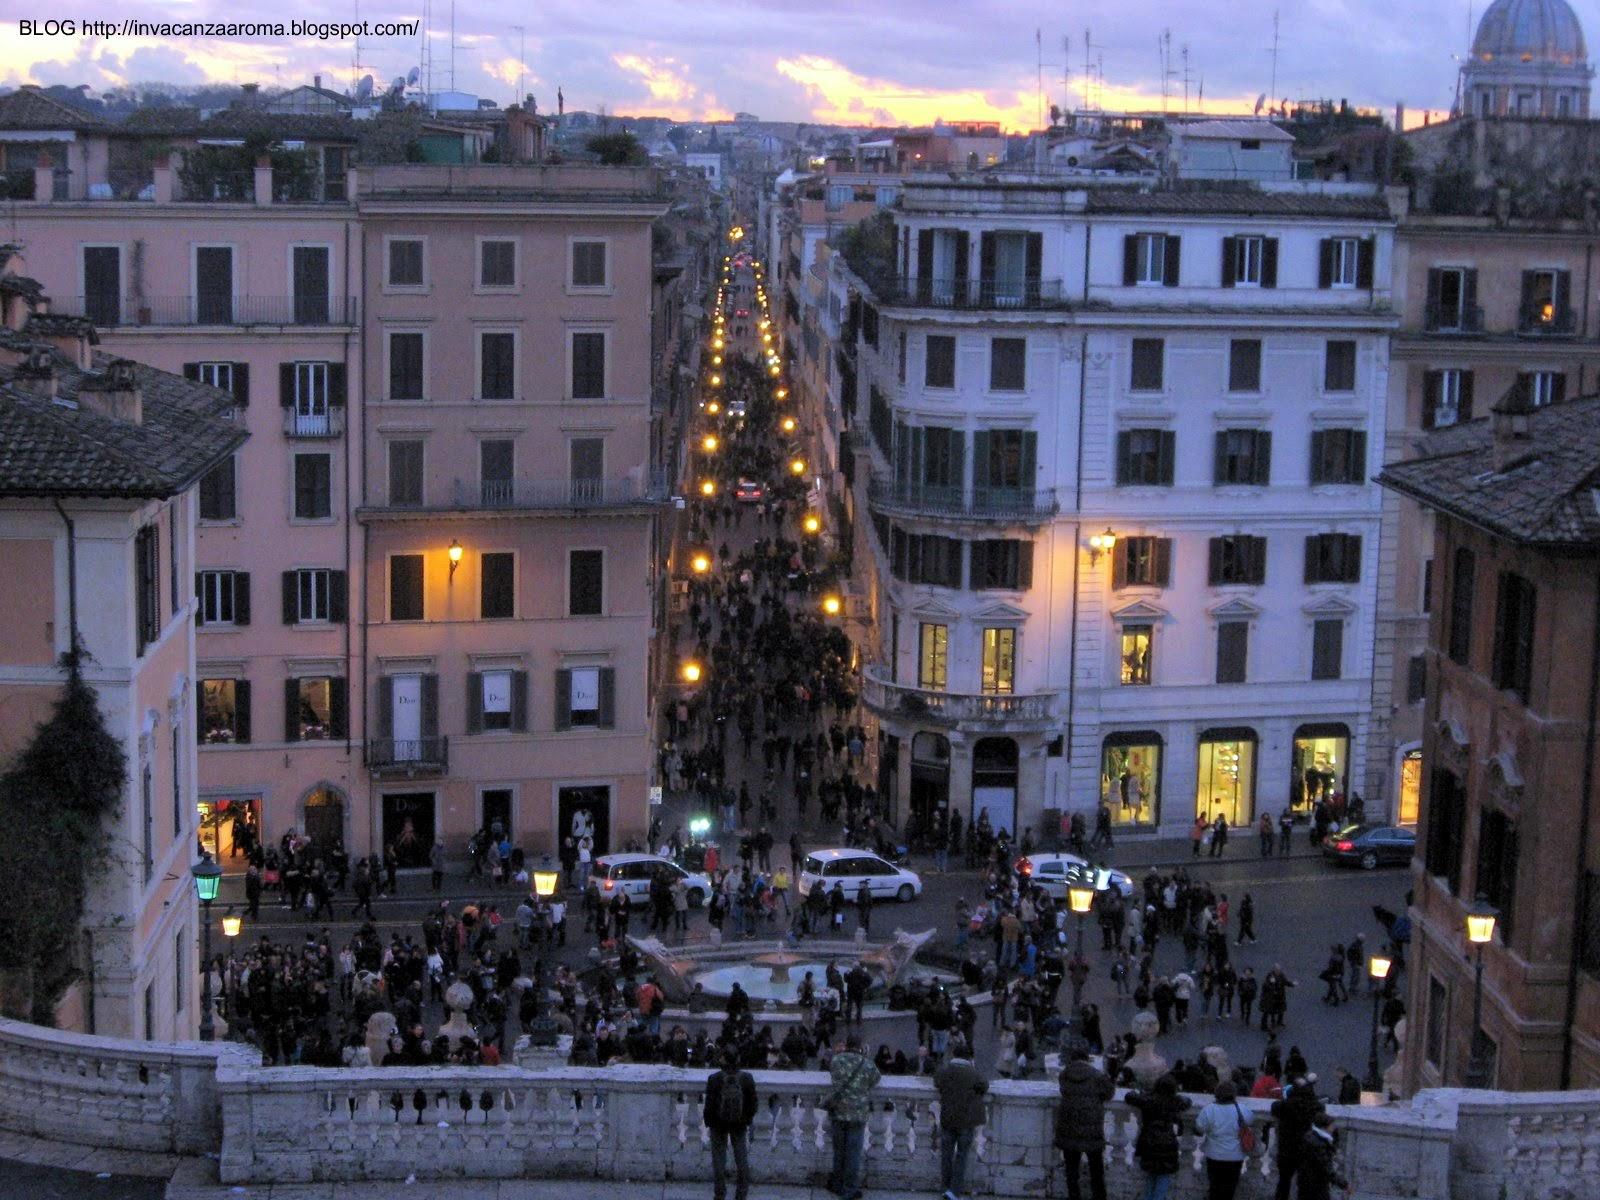 114b2b192d5 In vacanza a Roma: Piazza di Spagna - La Barcaccia